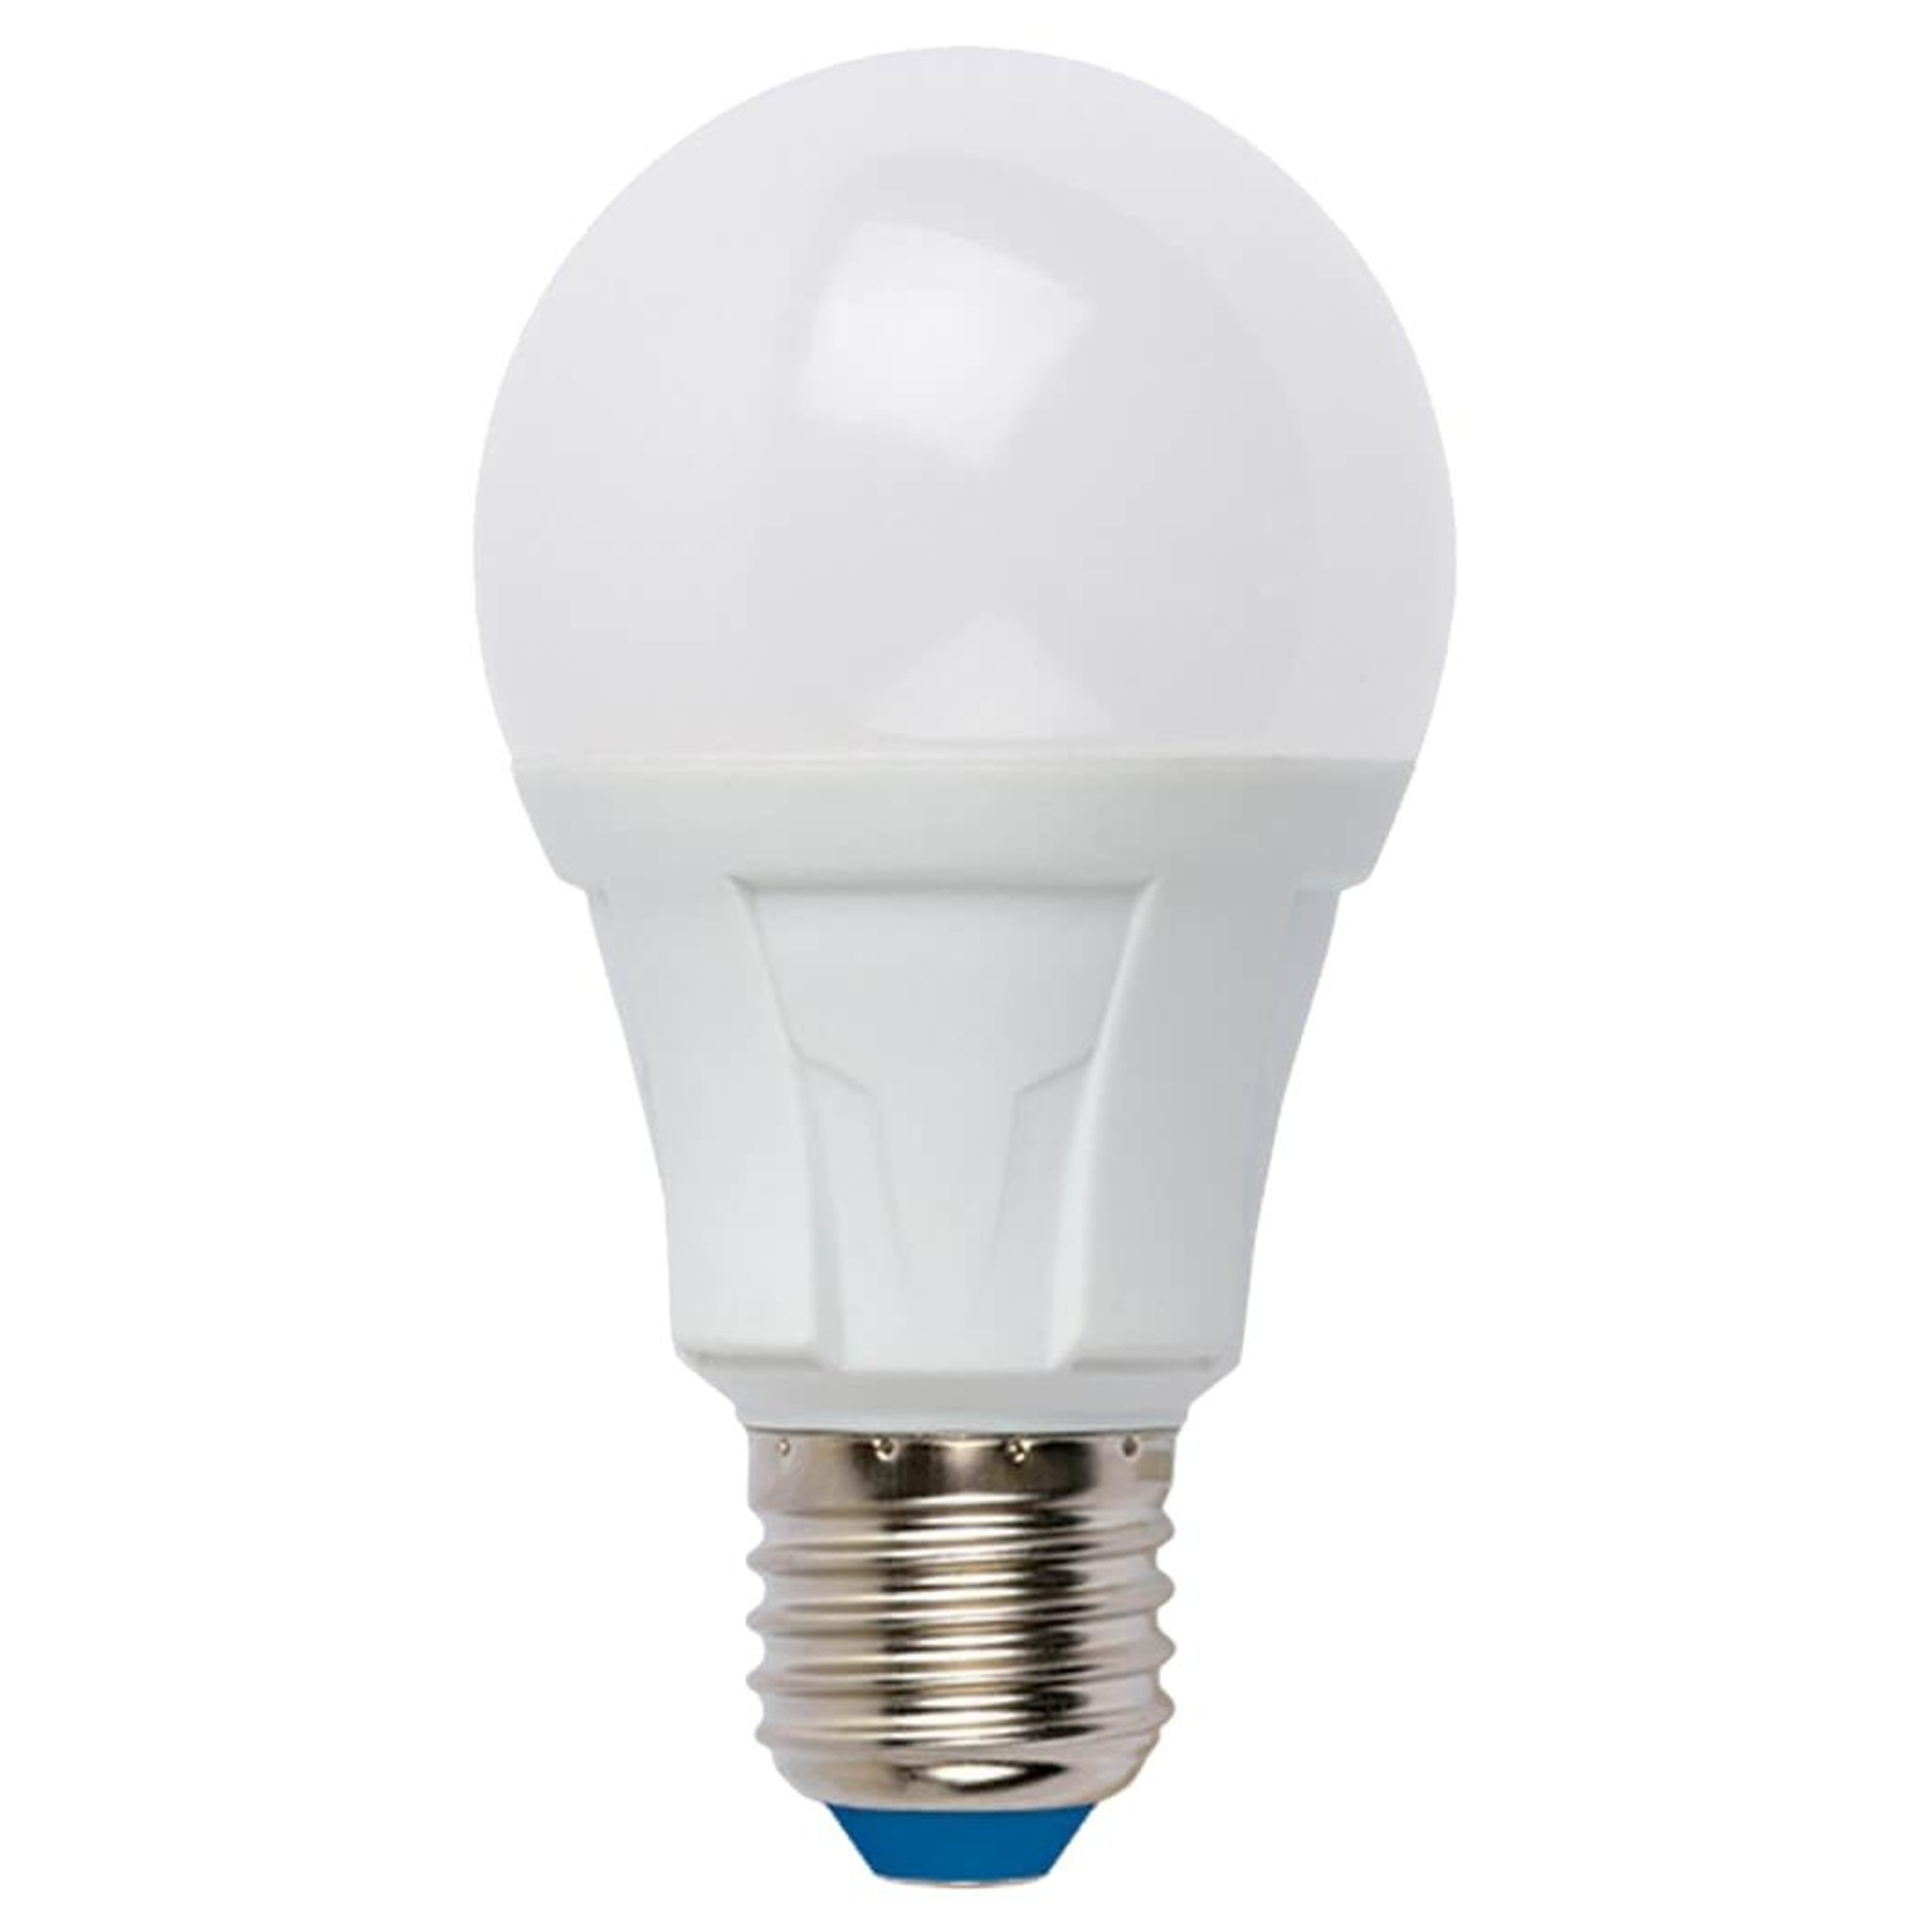 Лампа светодиодная Uniel Яркая Dimmable E27 груша 850 Лм 10 Вт нейтральный белый